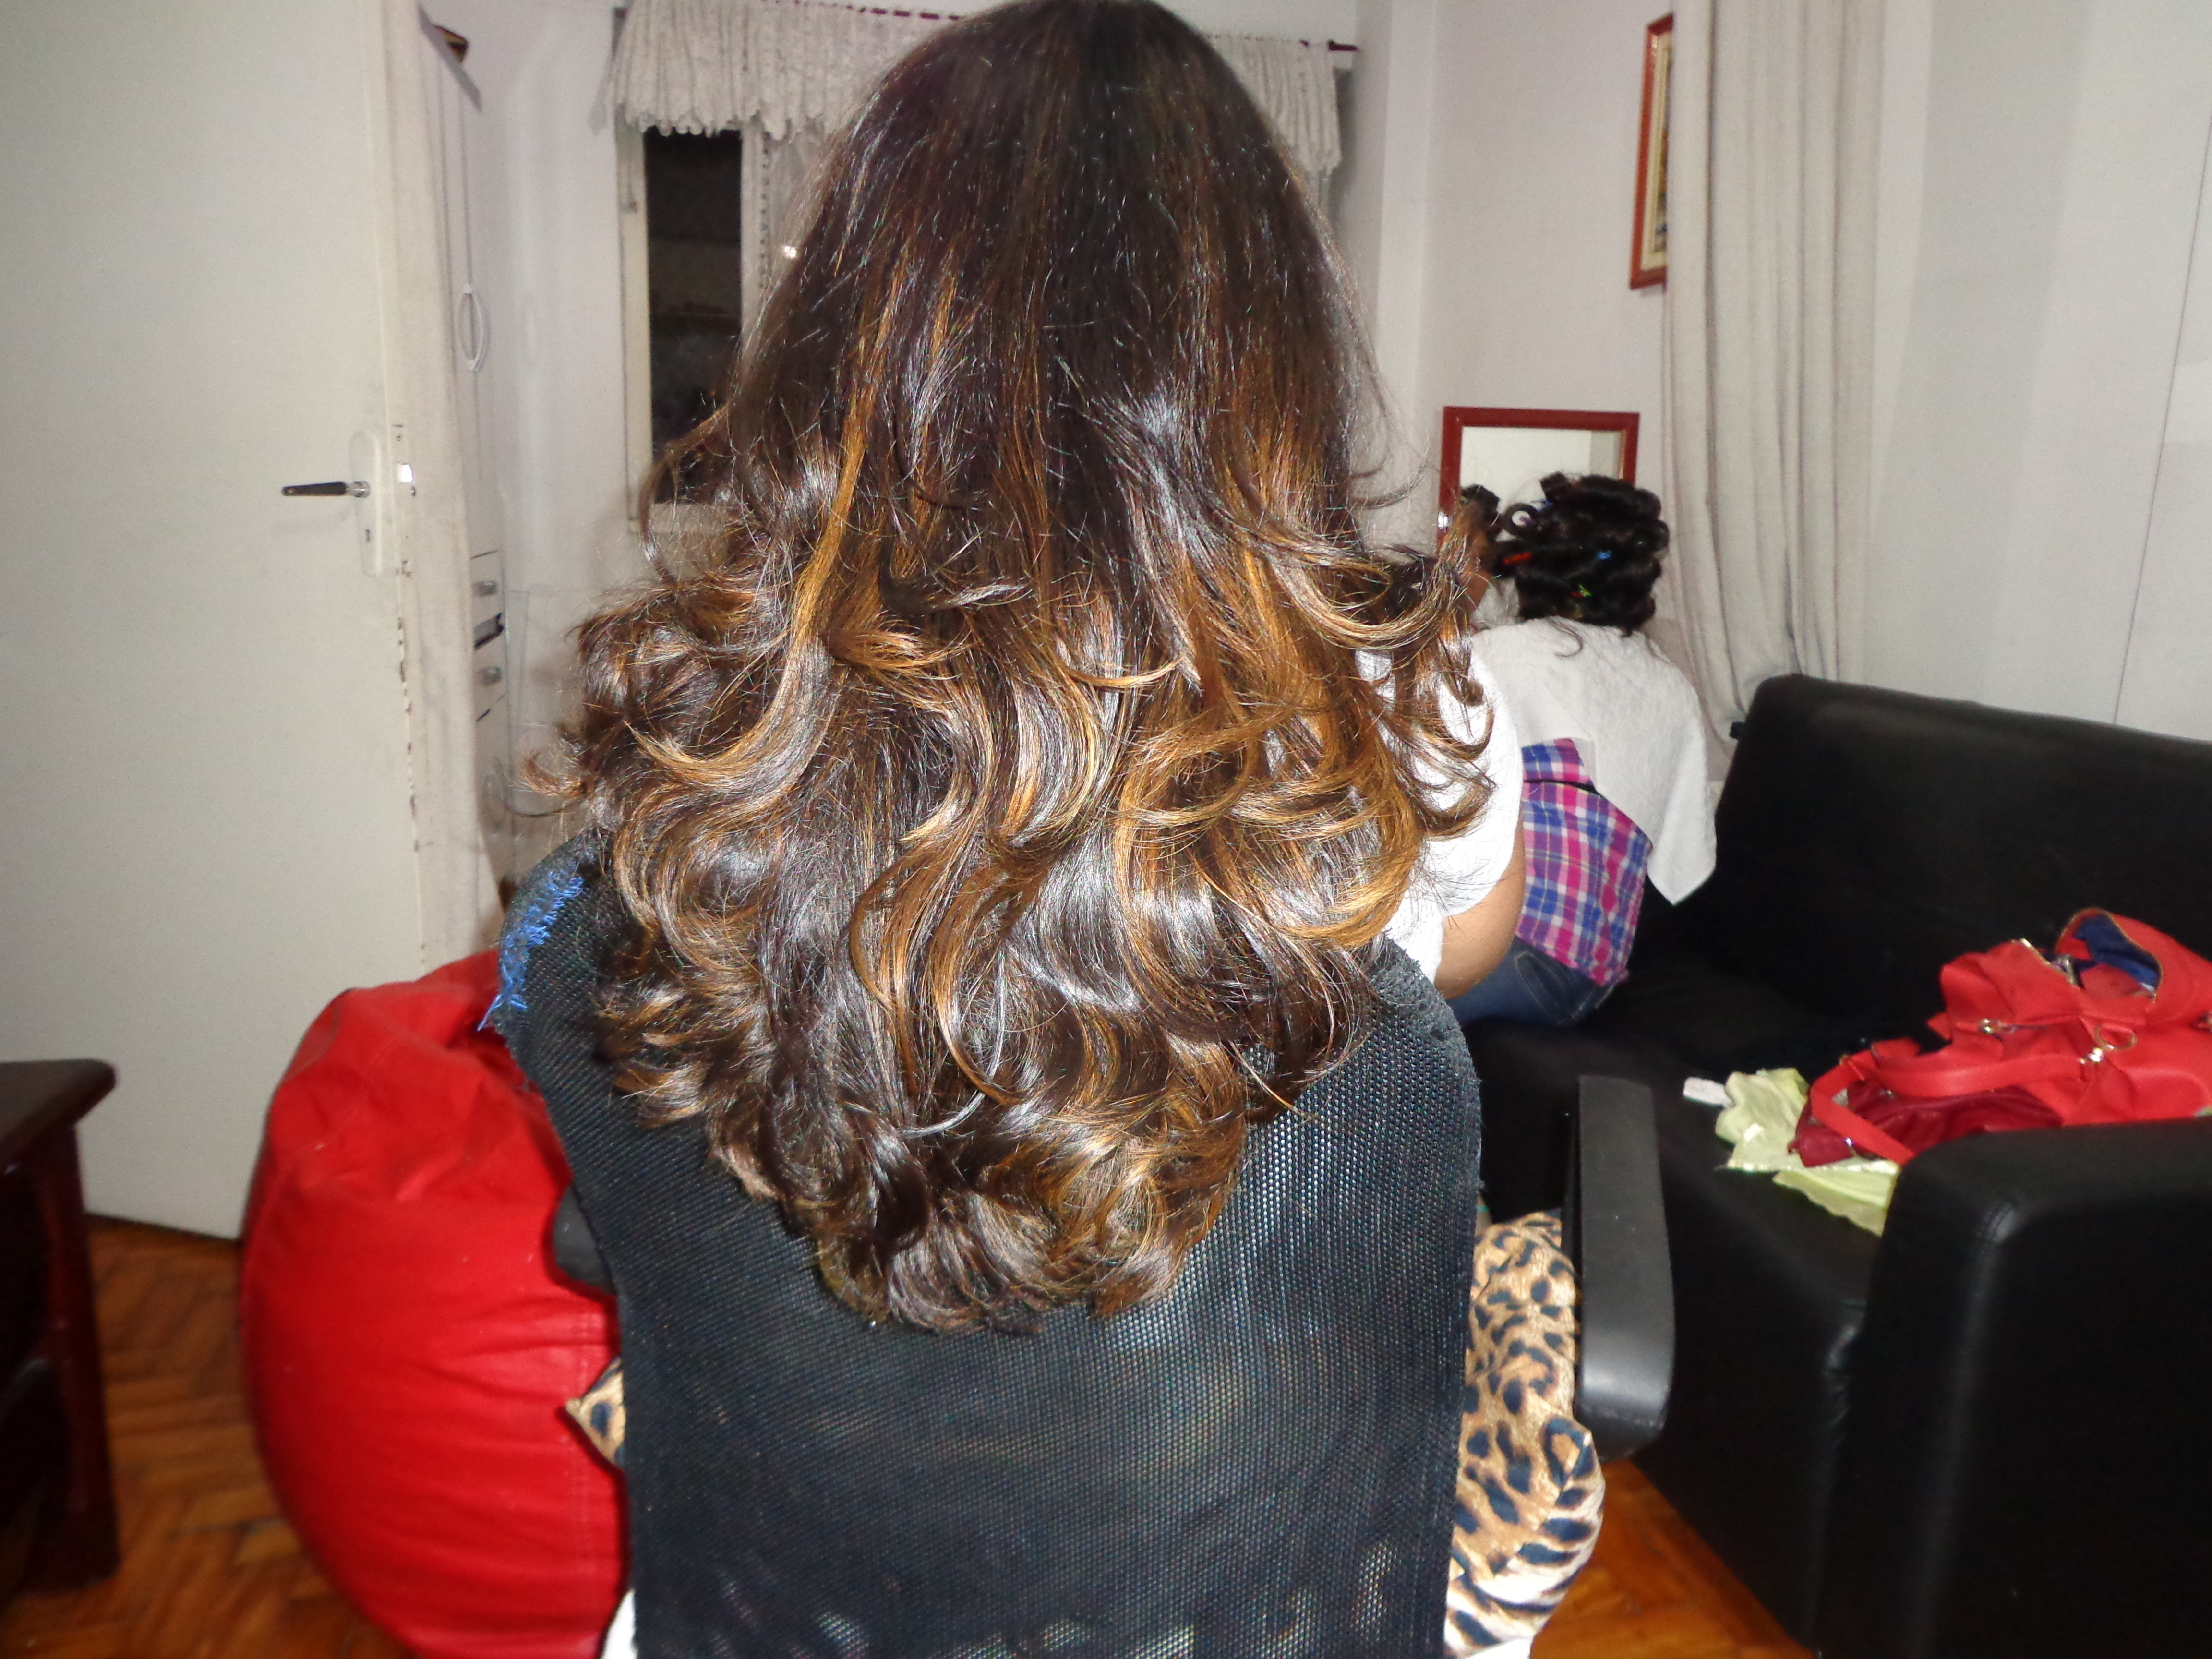 Corte iluminação escova modelada DEPOIS cachos  cabelo  cabeleireiro(a) barbeiro(a) maquiador(a) designer de sobrancelhas depilador(a)